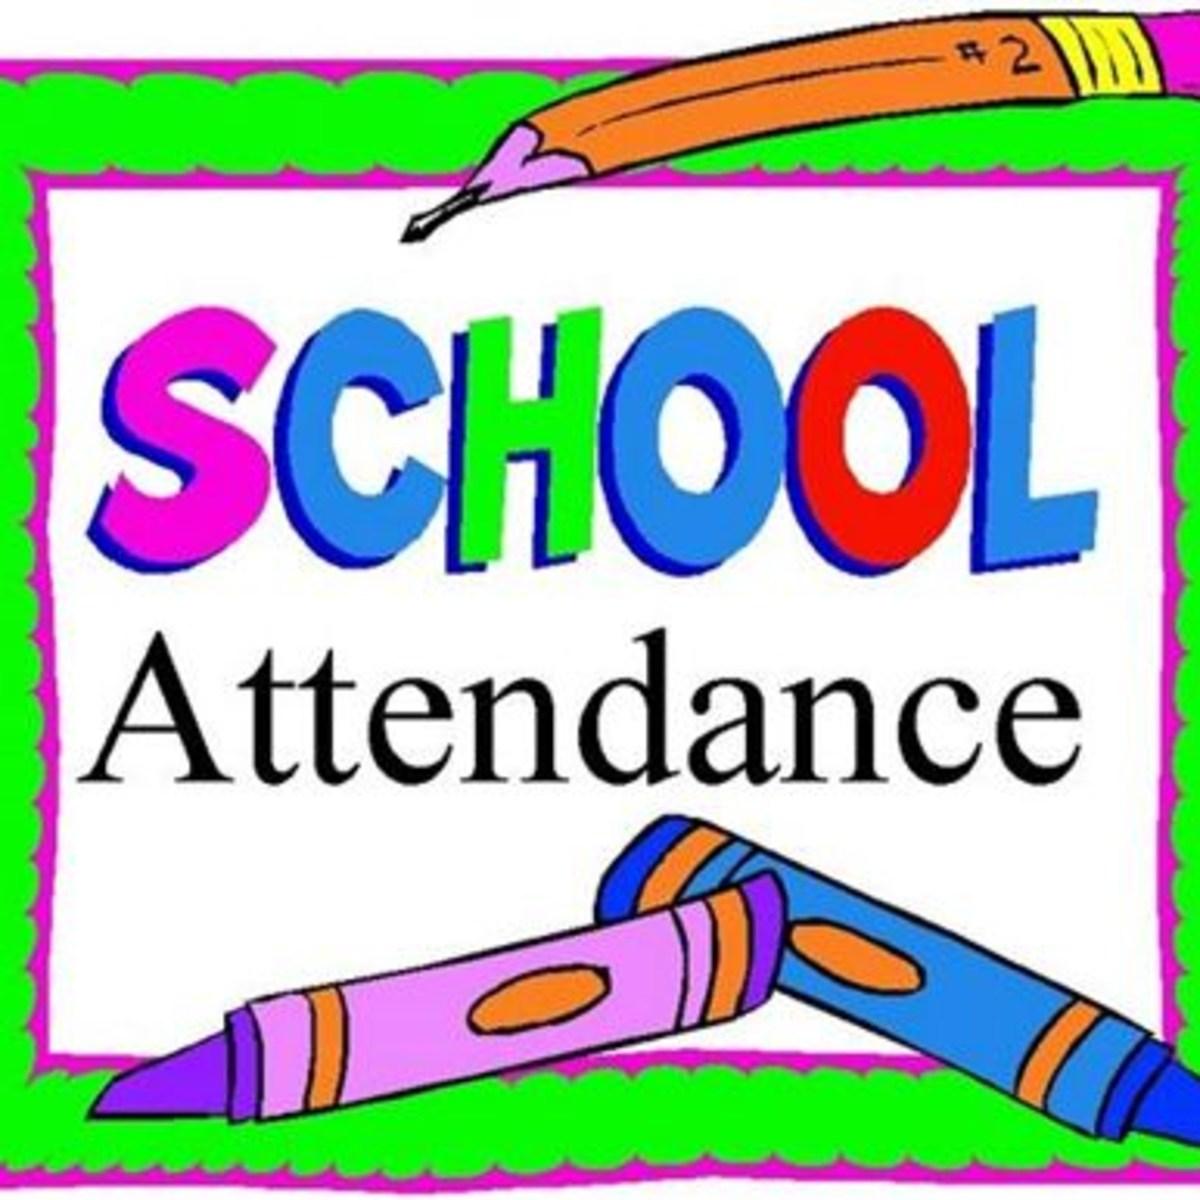 Attendance clipart class attendance. Home office beverly hills